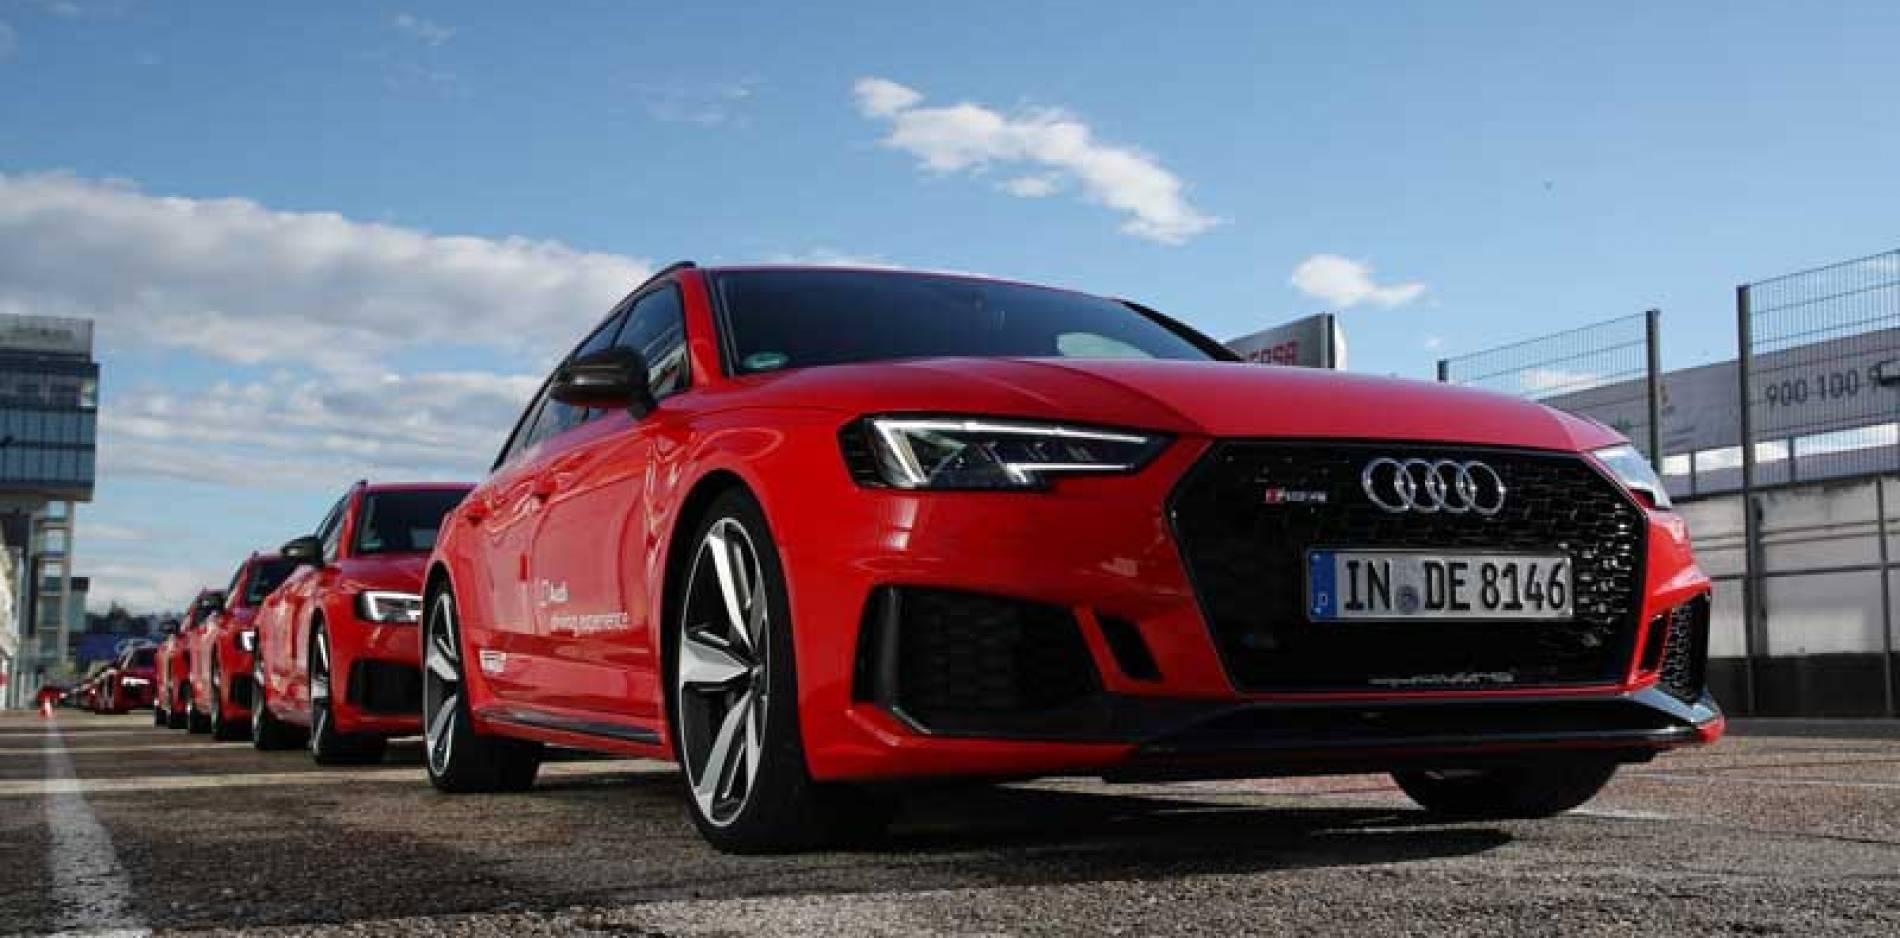 Audi Sportscar Driving Experience, pilotos por un día